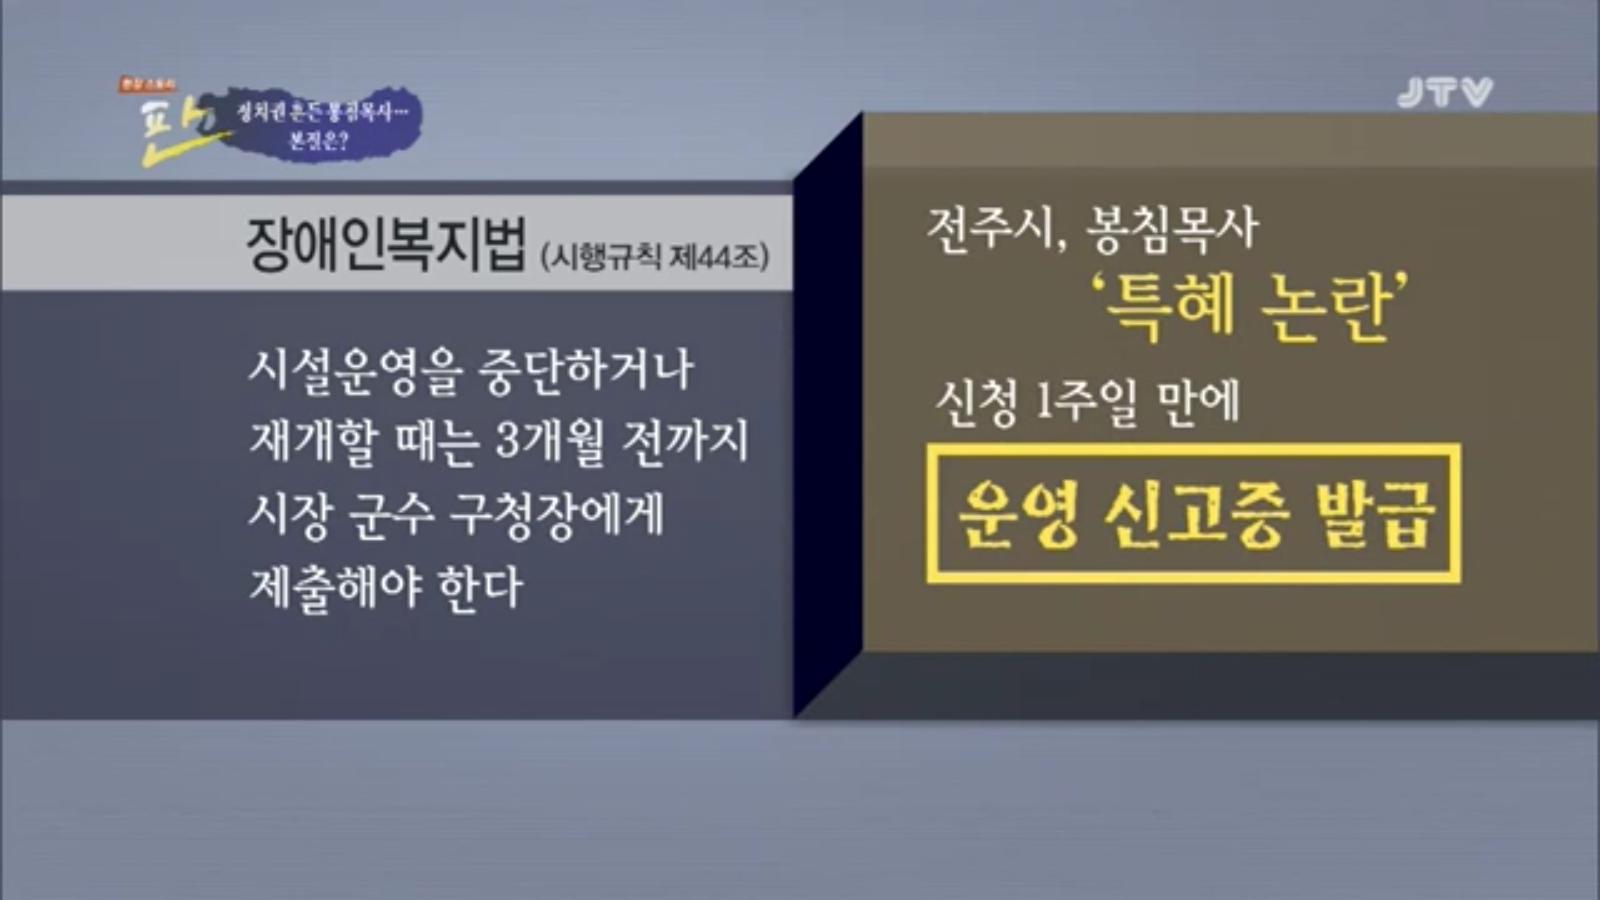 [18.4.13 JTV] 전주 봉침게이트, 정치권 흔든 봉침목사...본질은36.jpg